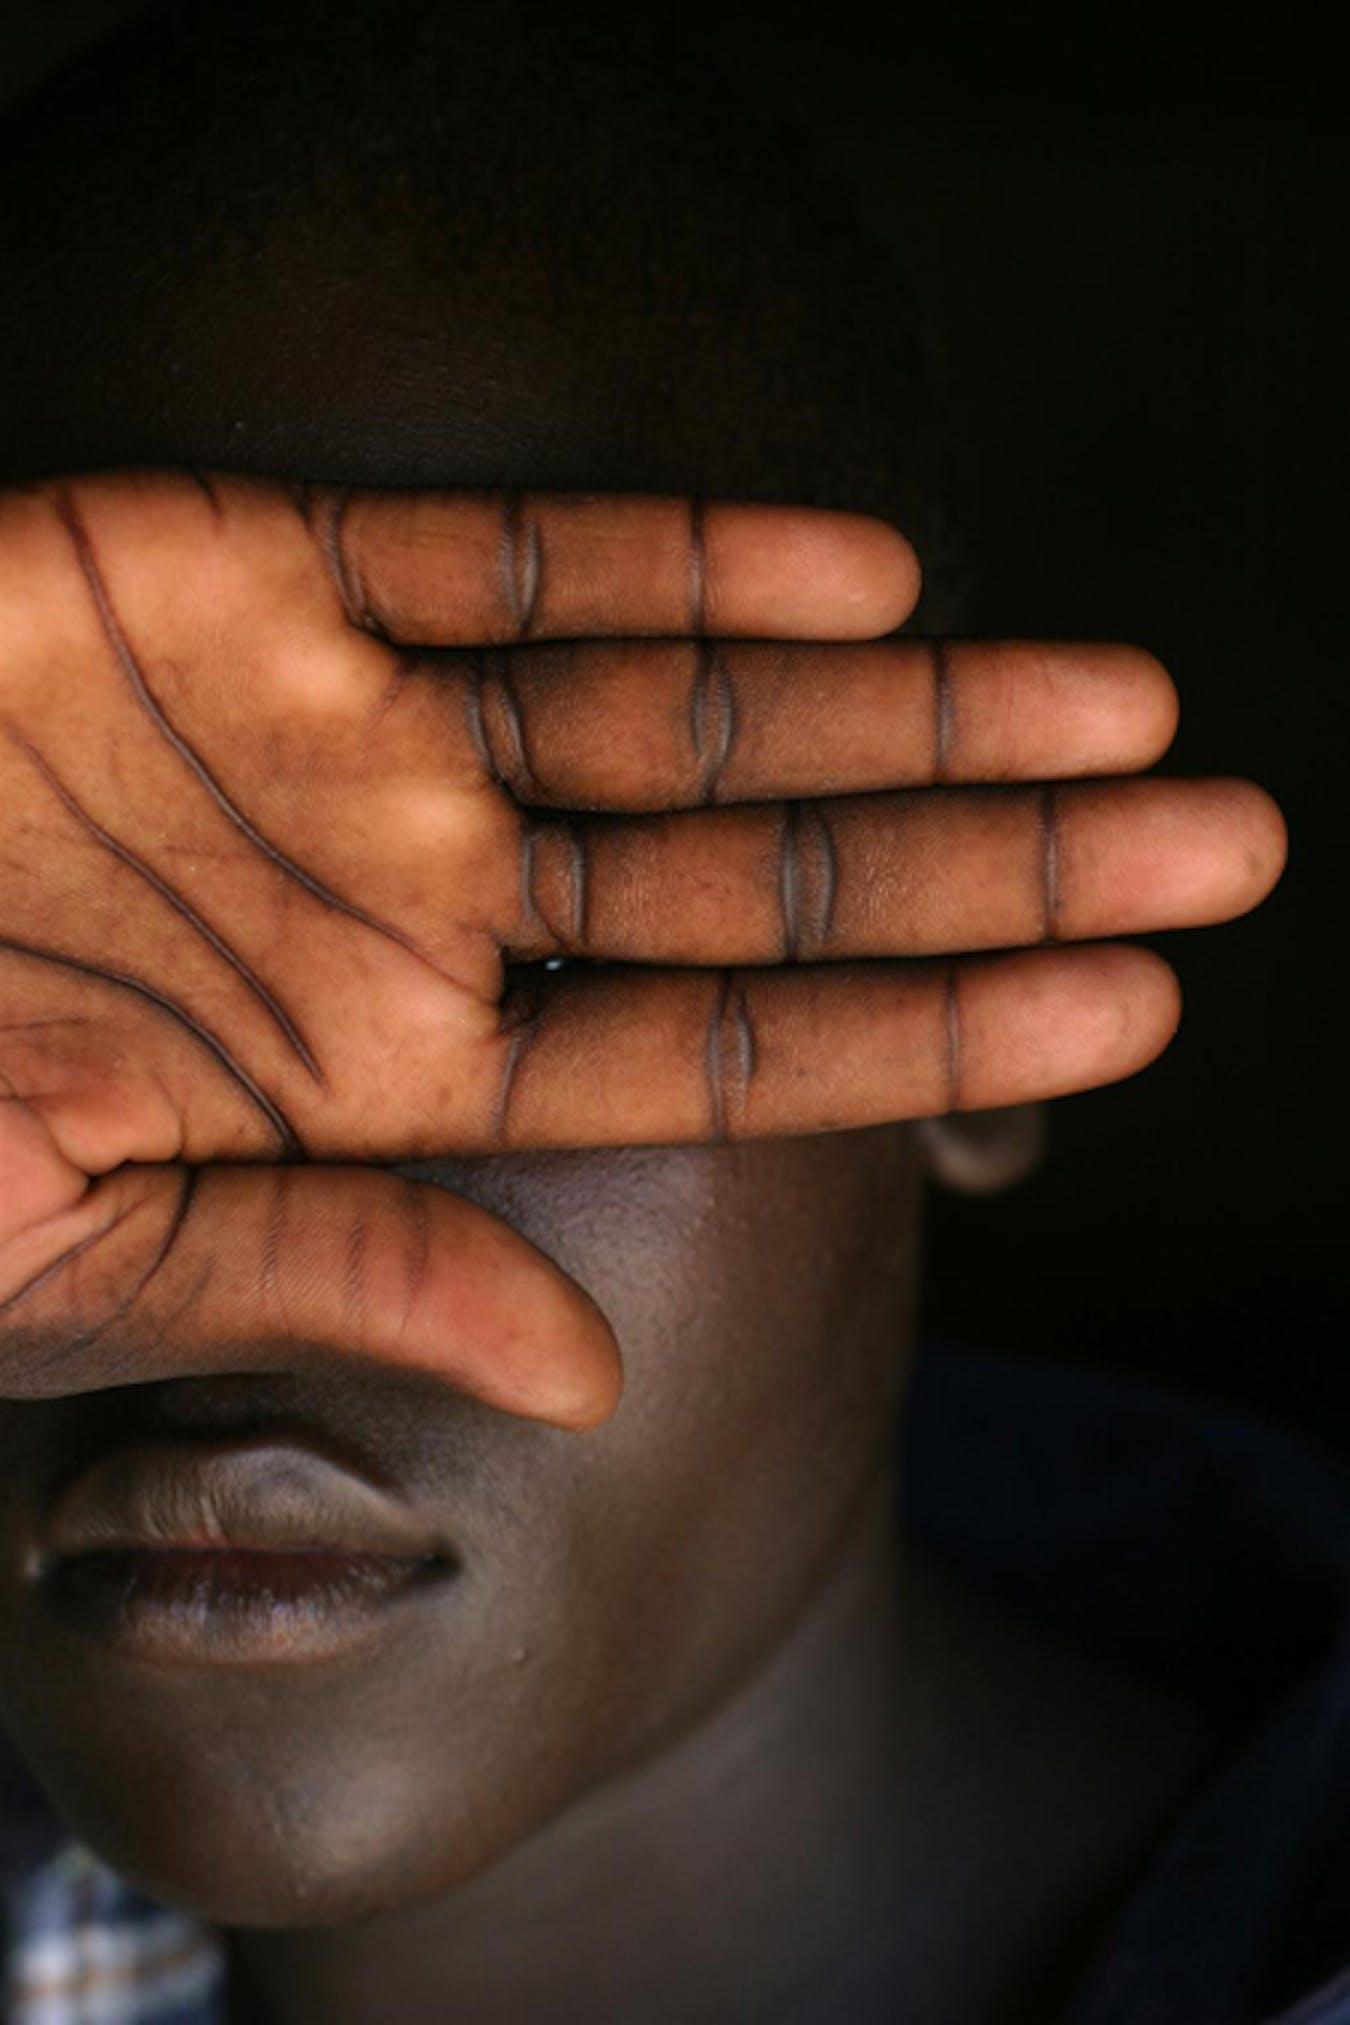 Joseph, 16 anni, per 4 anni è stato ostaggio delle milizie LRA e costretto a combattere nella guerra civile in Uganda. Una volta smoblitato è stato affidato alle cure dell'UNICEF - ©UNICEF/HQ04-1155/RLeMoyne